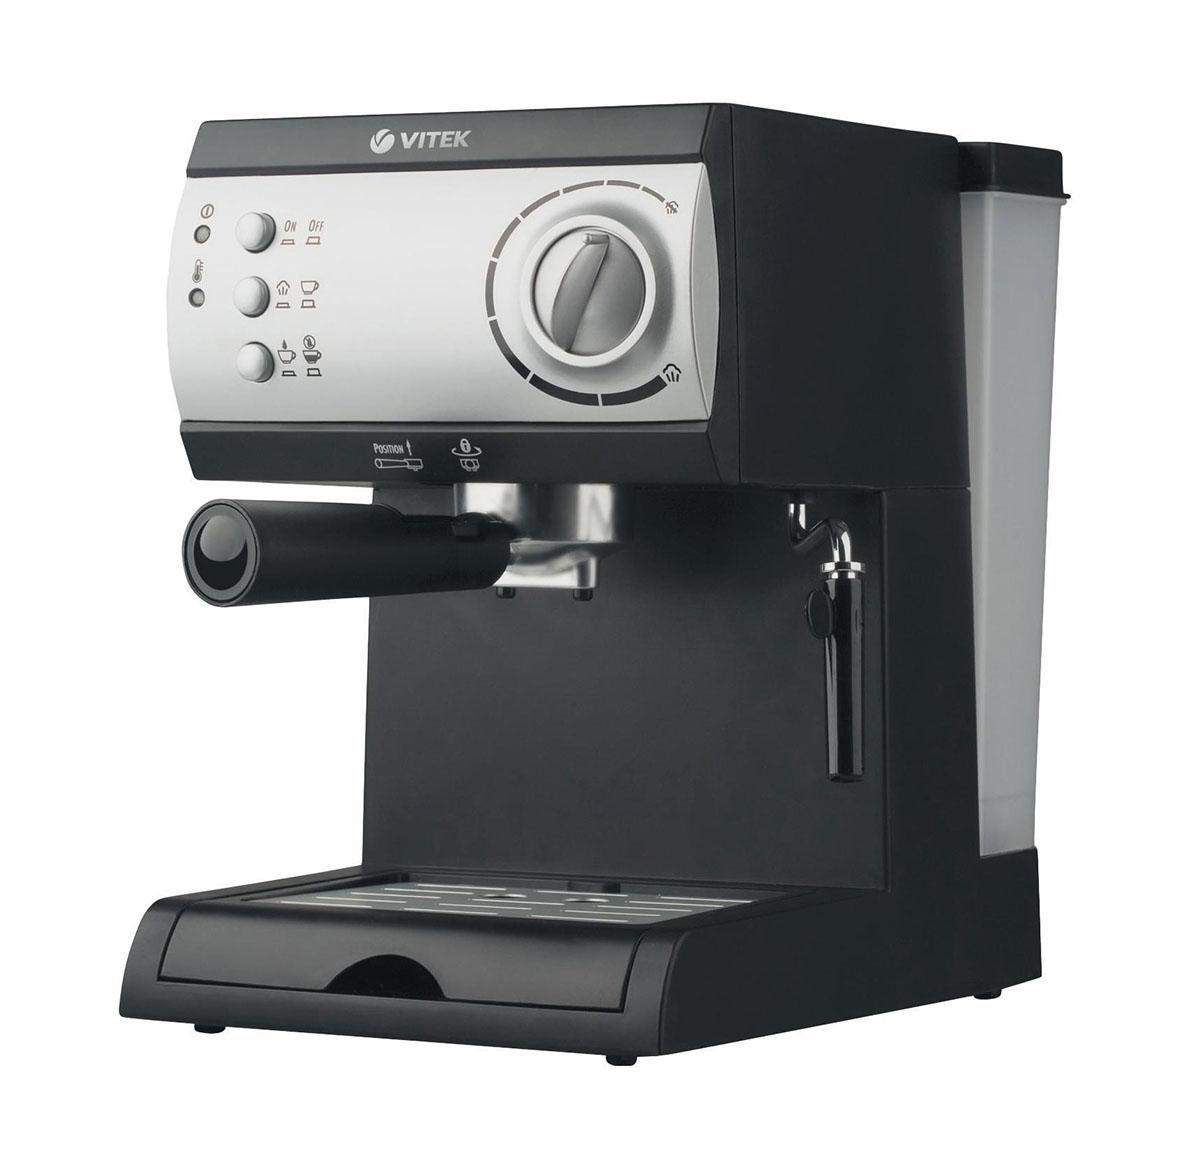 Кофеварка Vitek VT-1511 BlackVT-1511 BlackКофеварка, съемная емкость для воды, мерная ложка, инструкция